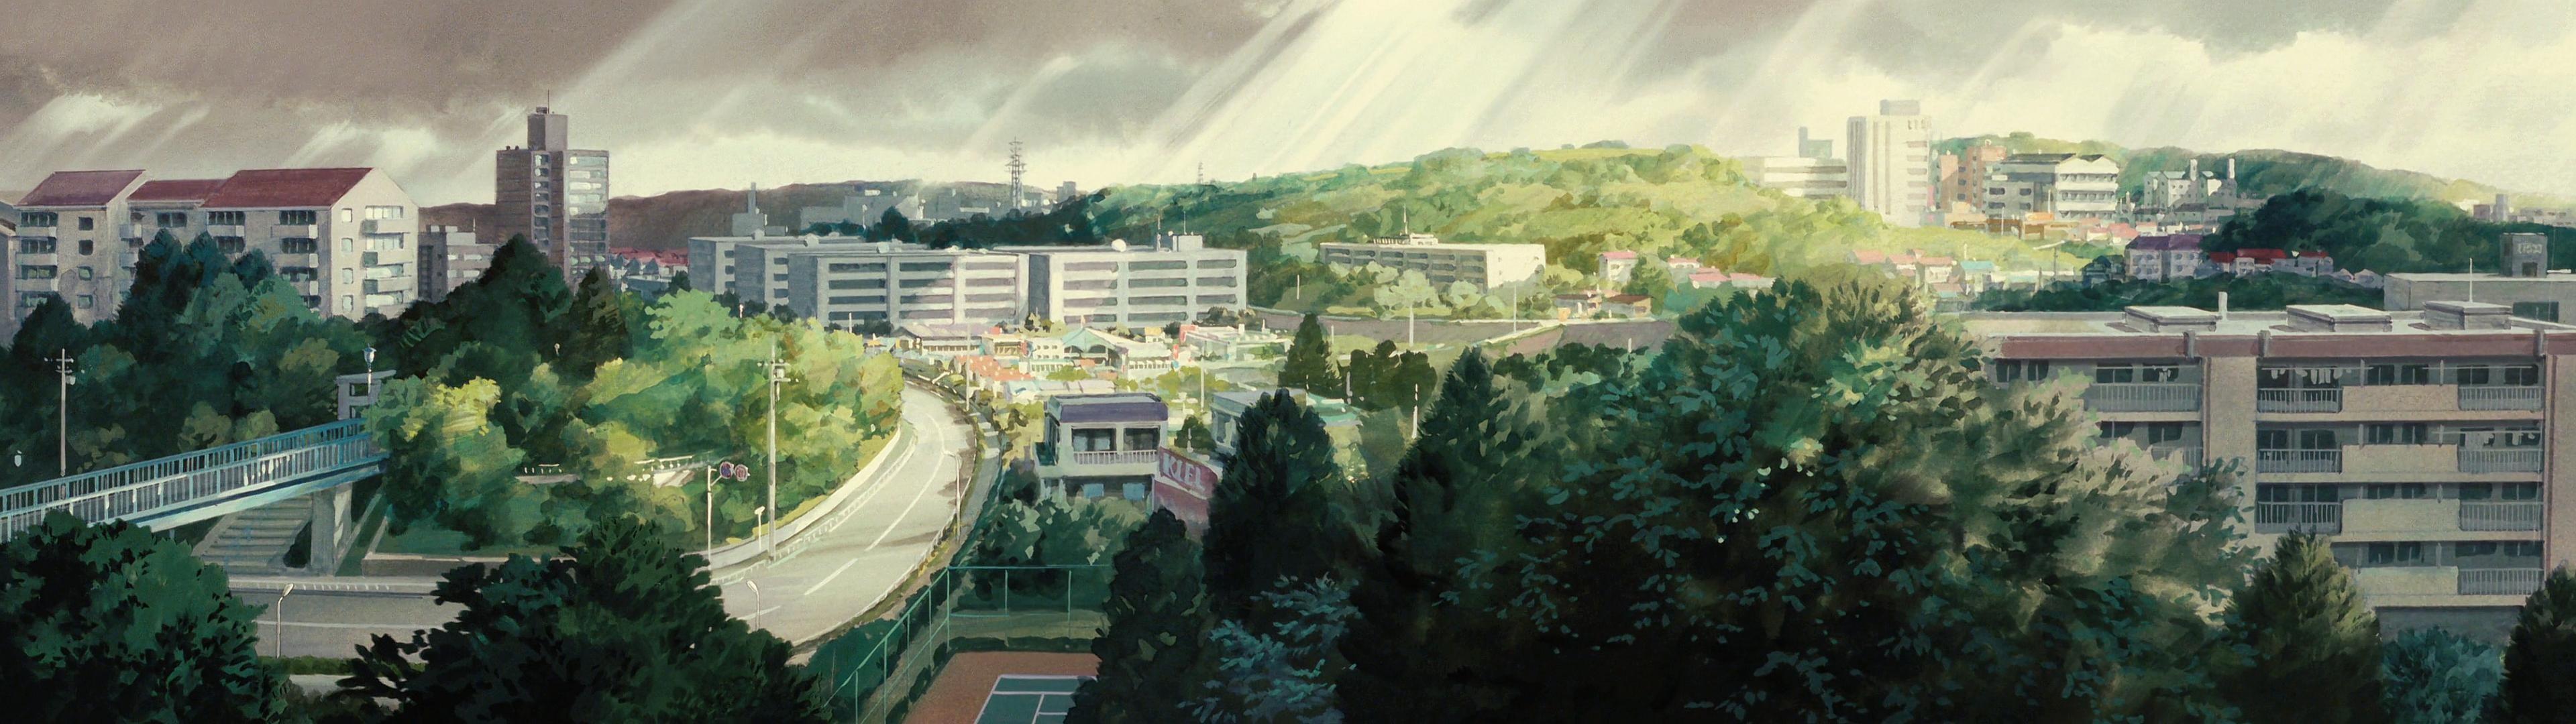 Ghibli 3840 x 1080 Studio ghibli, Studio ghibli